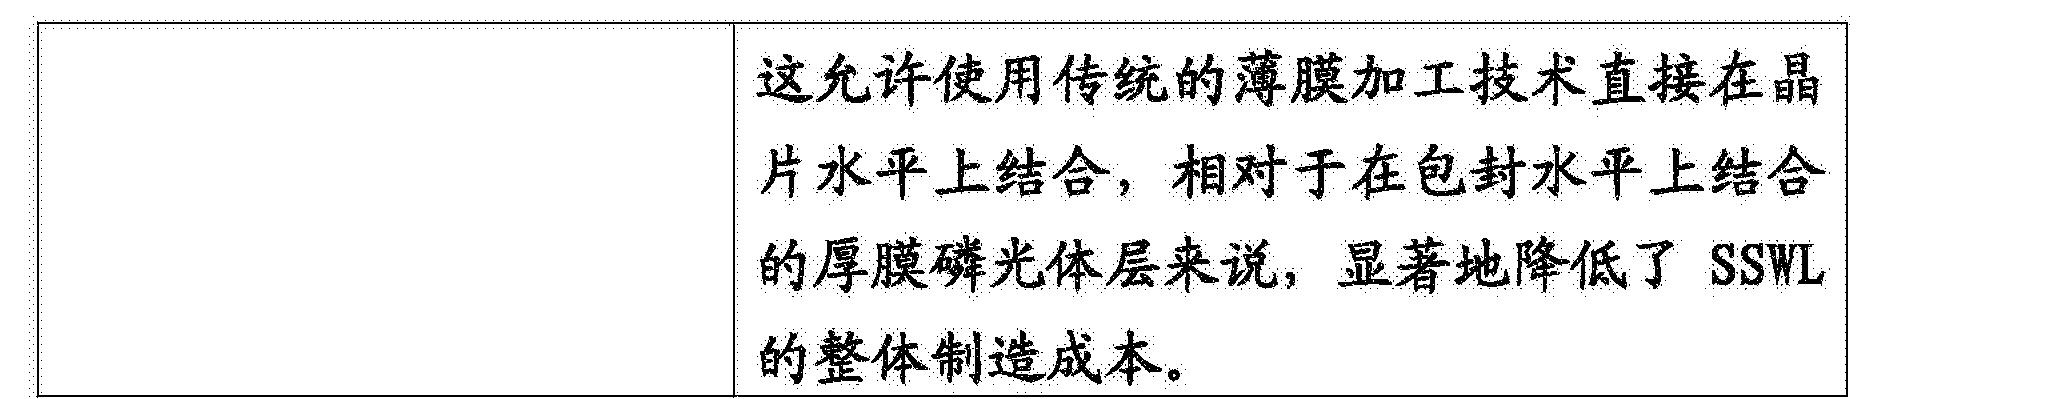 Figure CN104387772BD00171